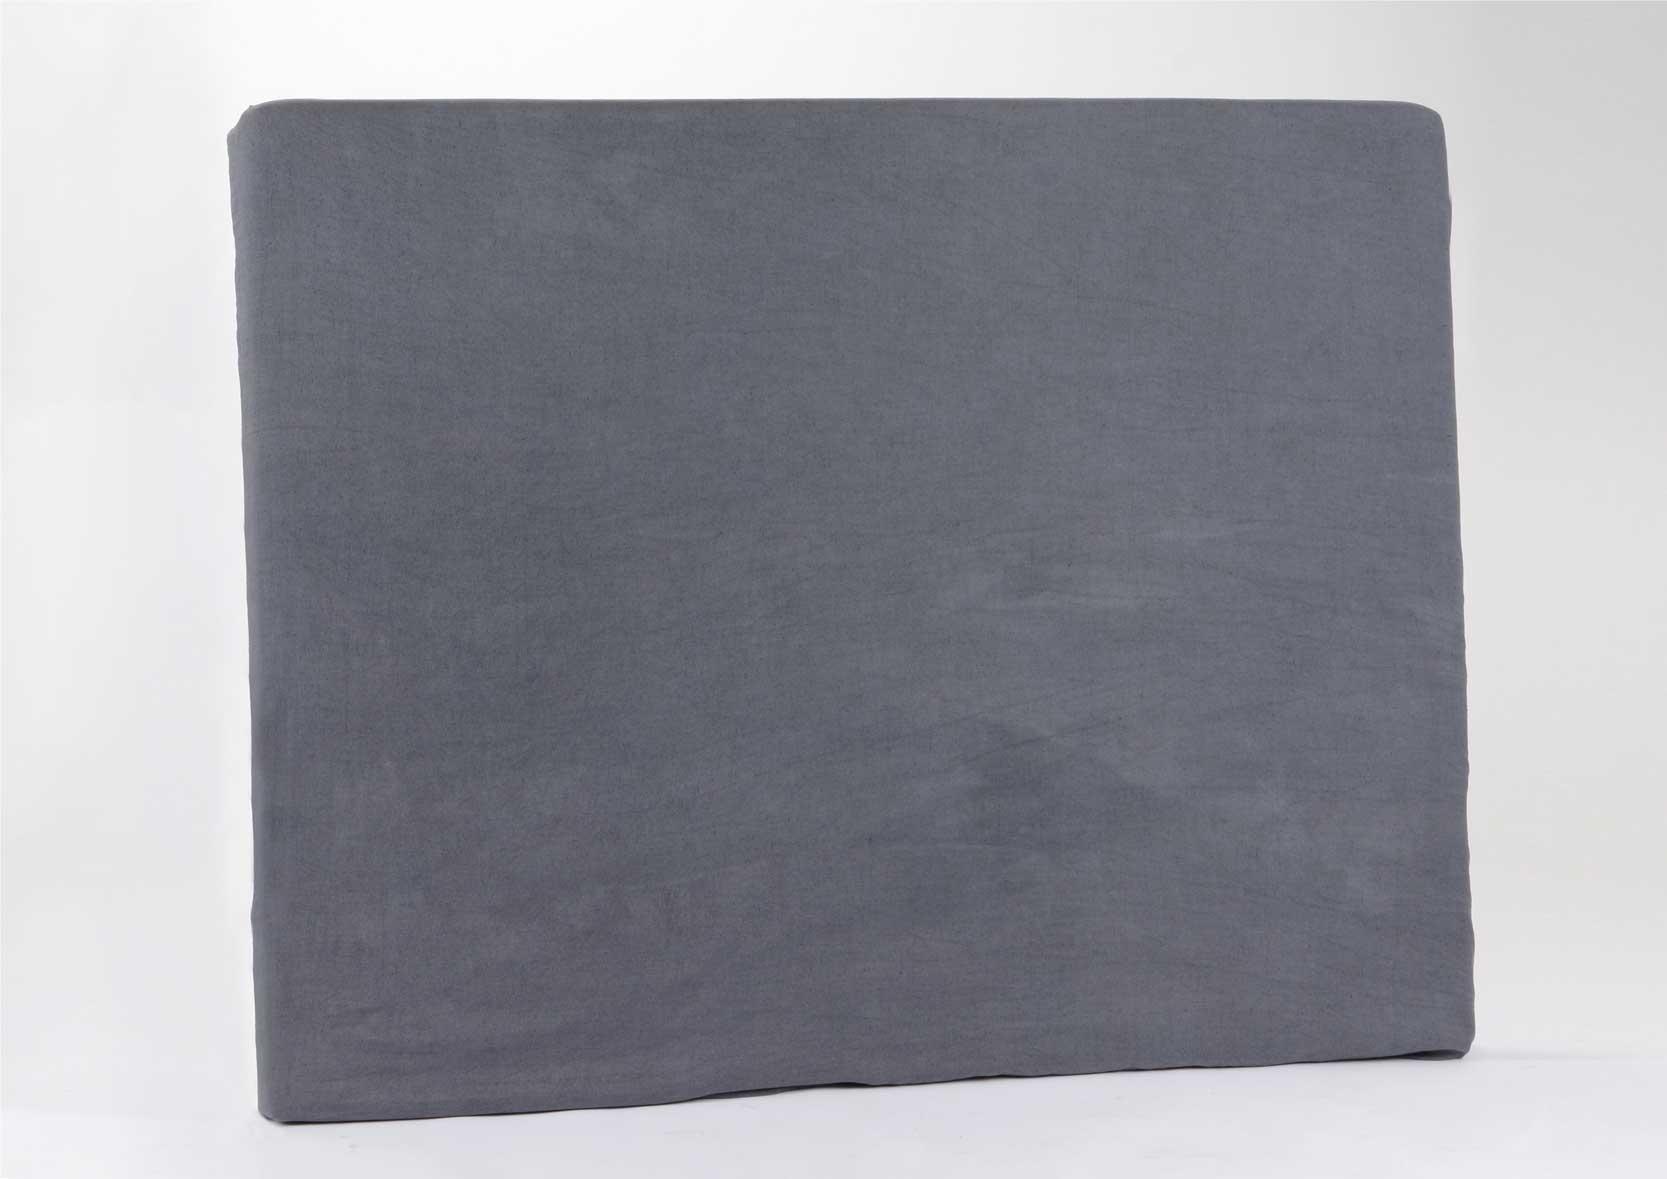 housse en lin et coton pour t te de lit anthracite anthracite. Black Bedroom Furniture Sets. Home Design Ideas